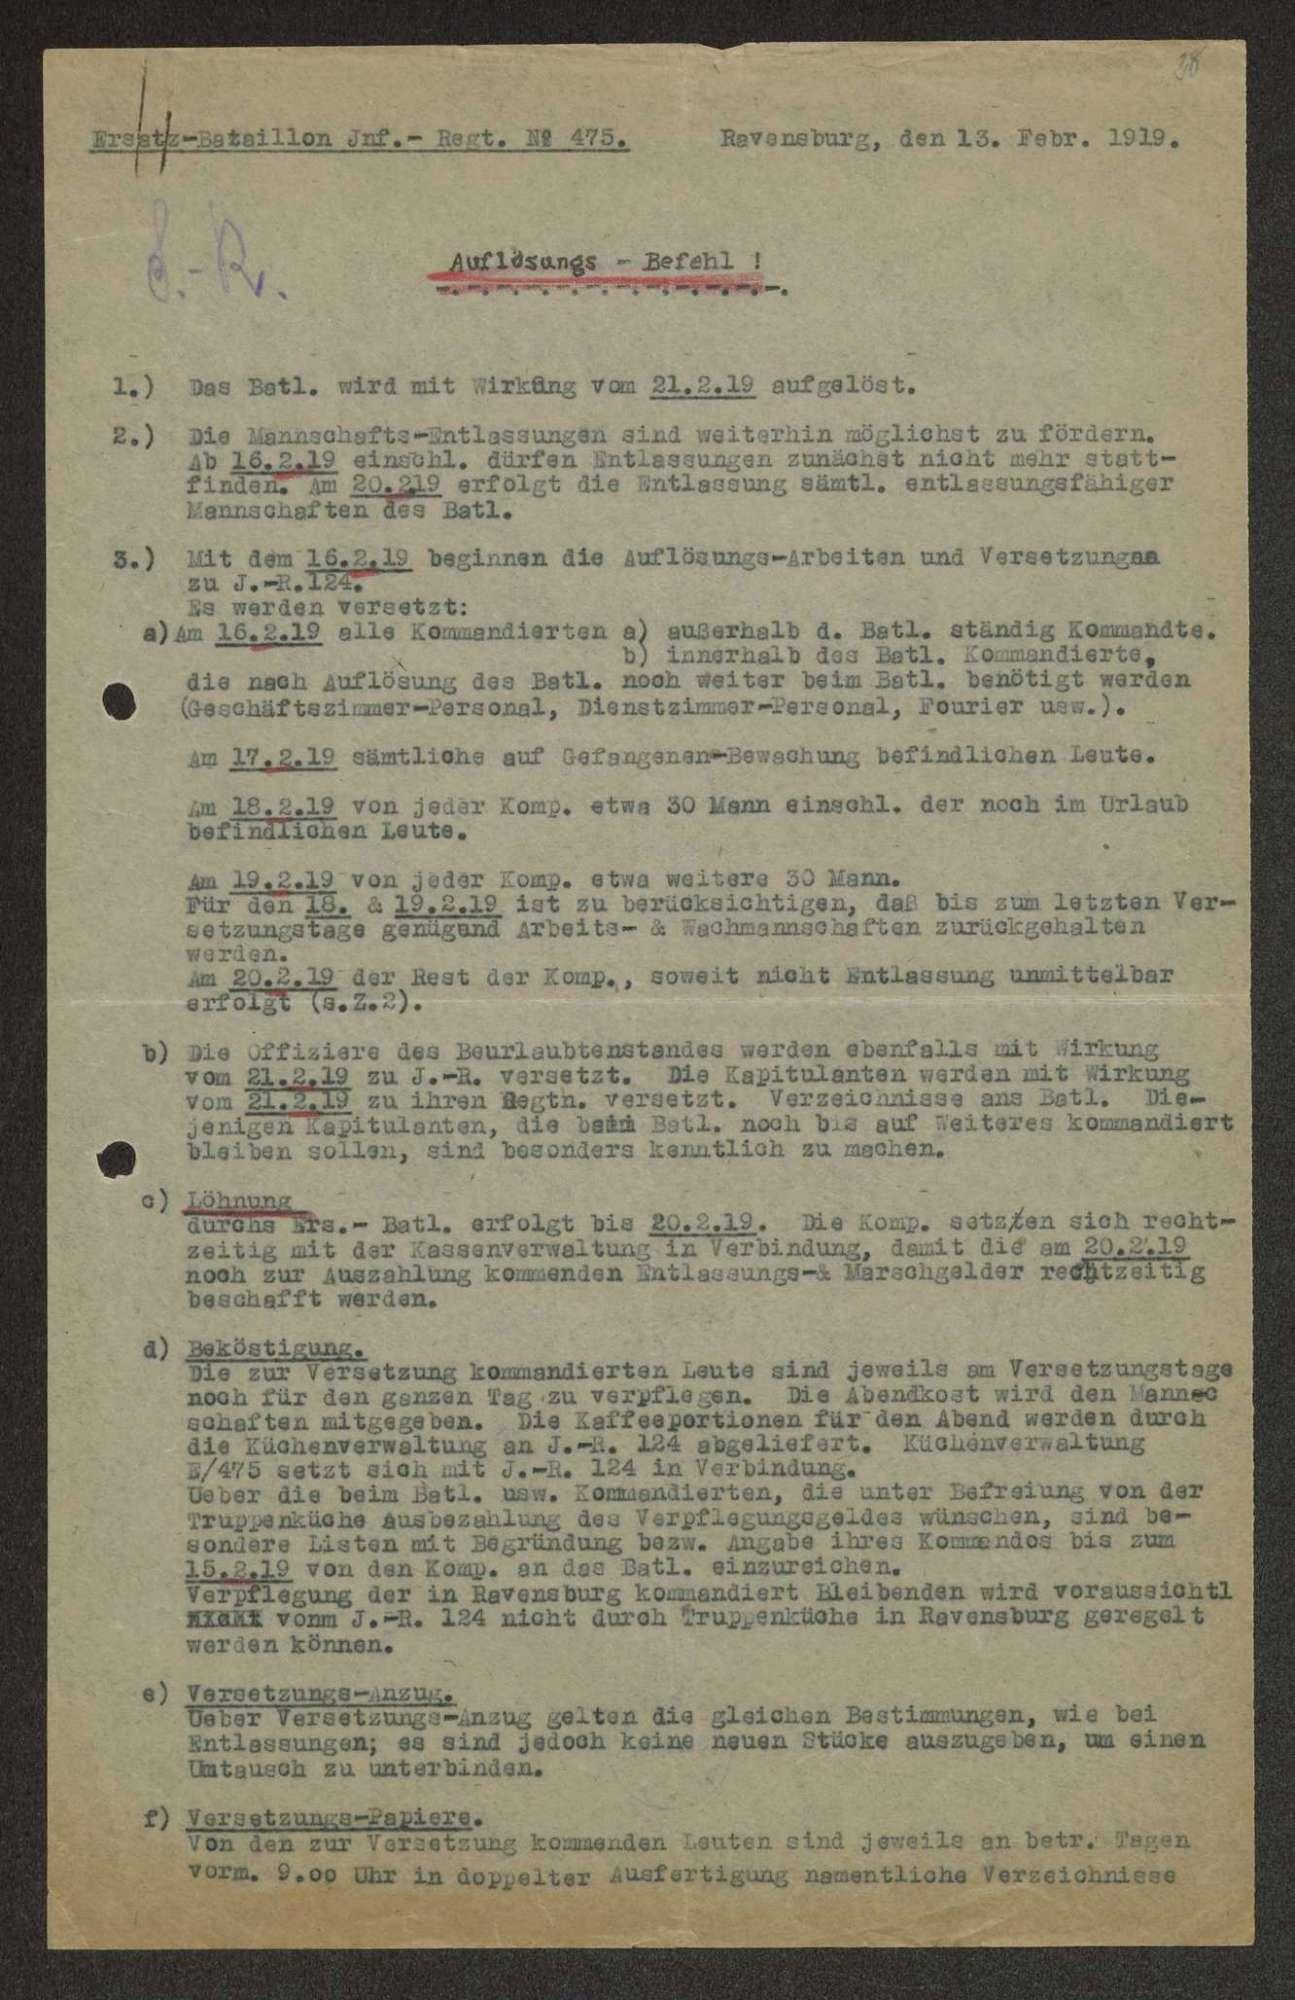 Auflösungsbefehl des Ersatz-Bataillons des Infanterie-Regiments Nr. 475, Bild 1